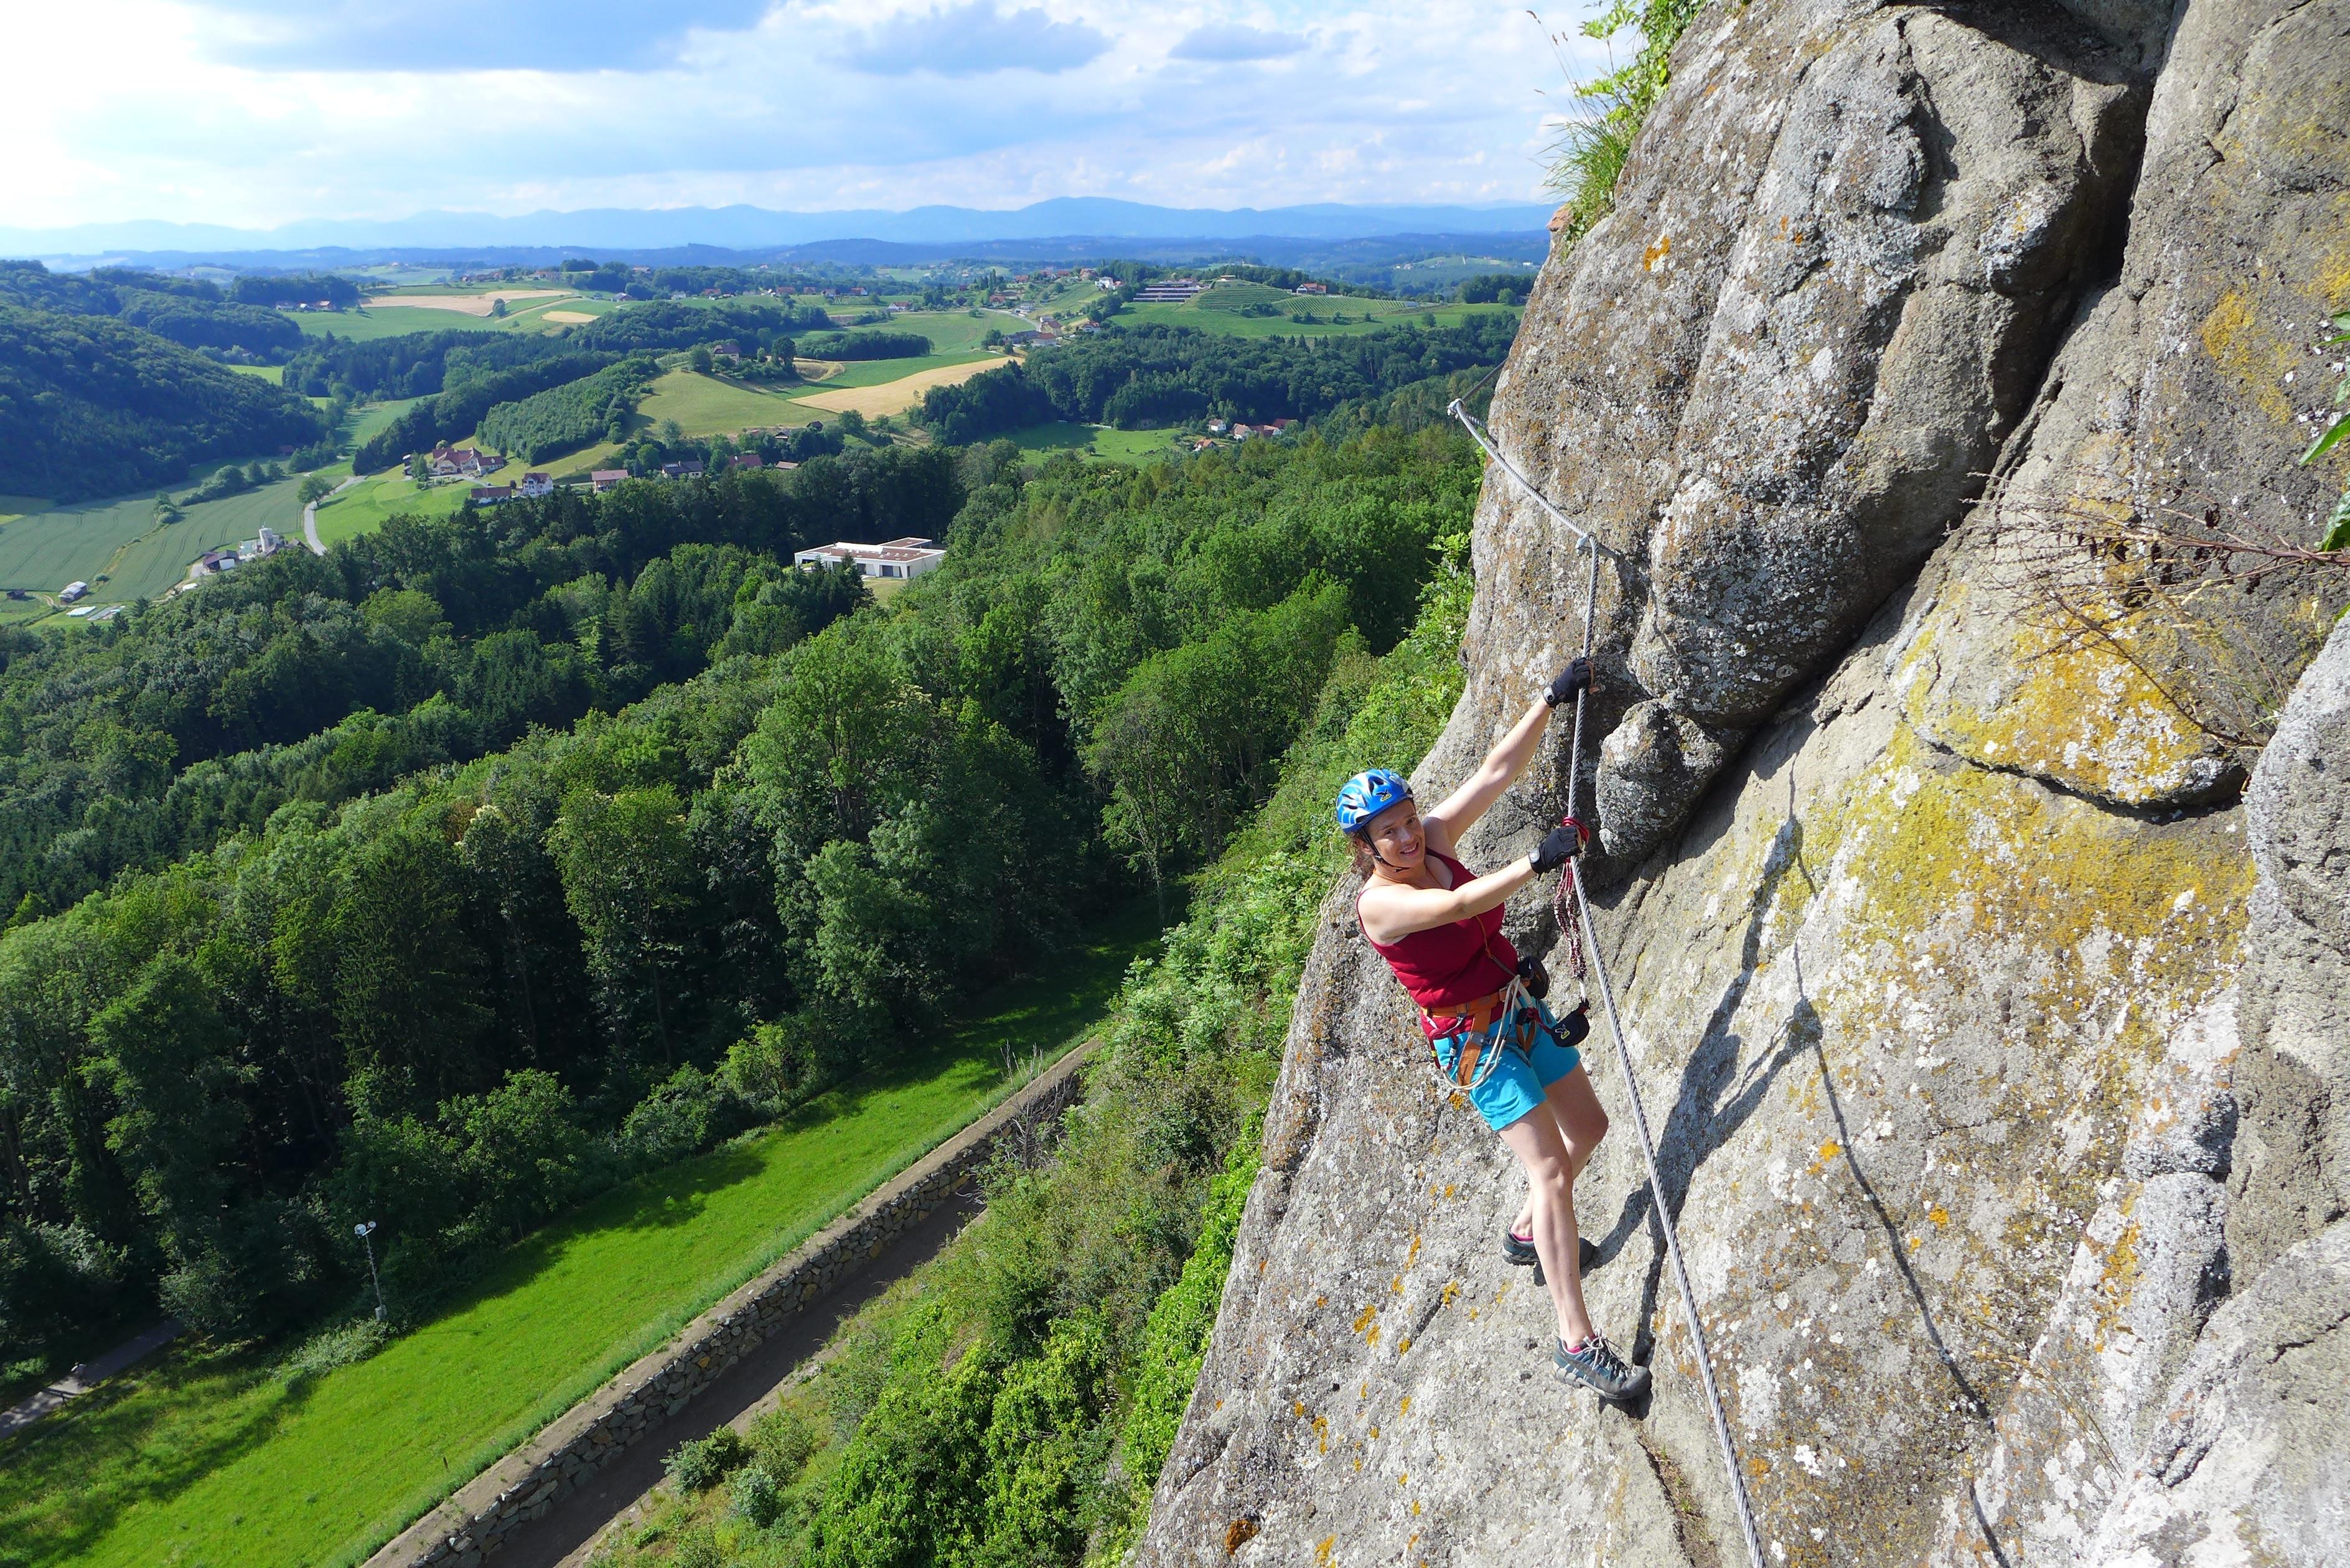 Klettersteig Riegersburg : Klettersteige leopold und heinrich klettersteig km bergwelten